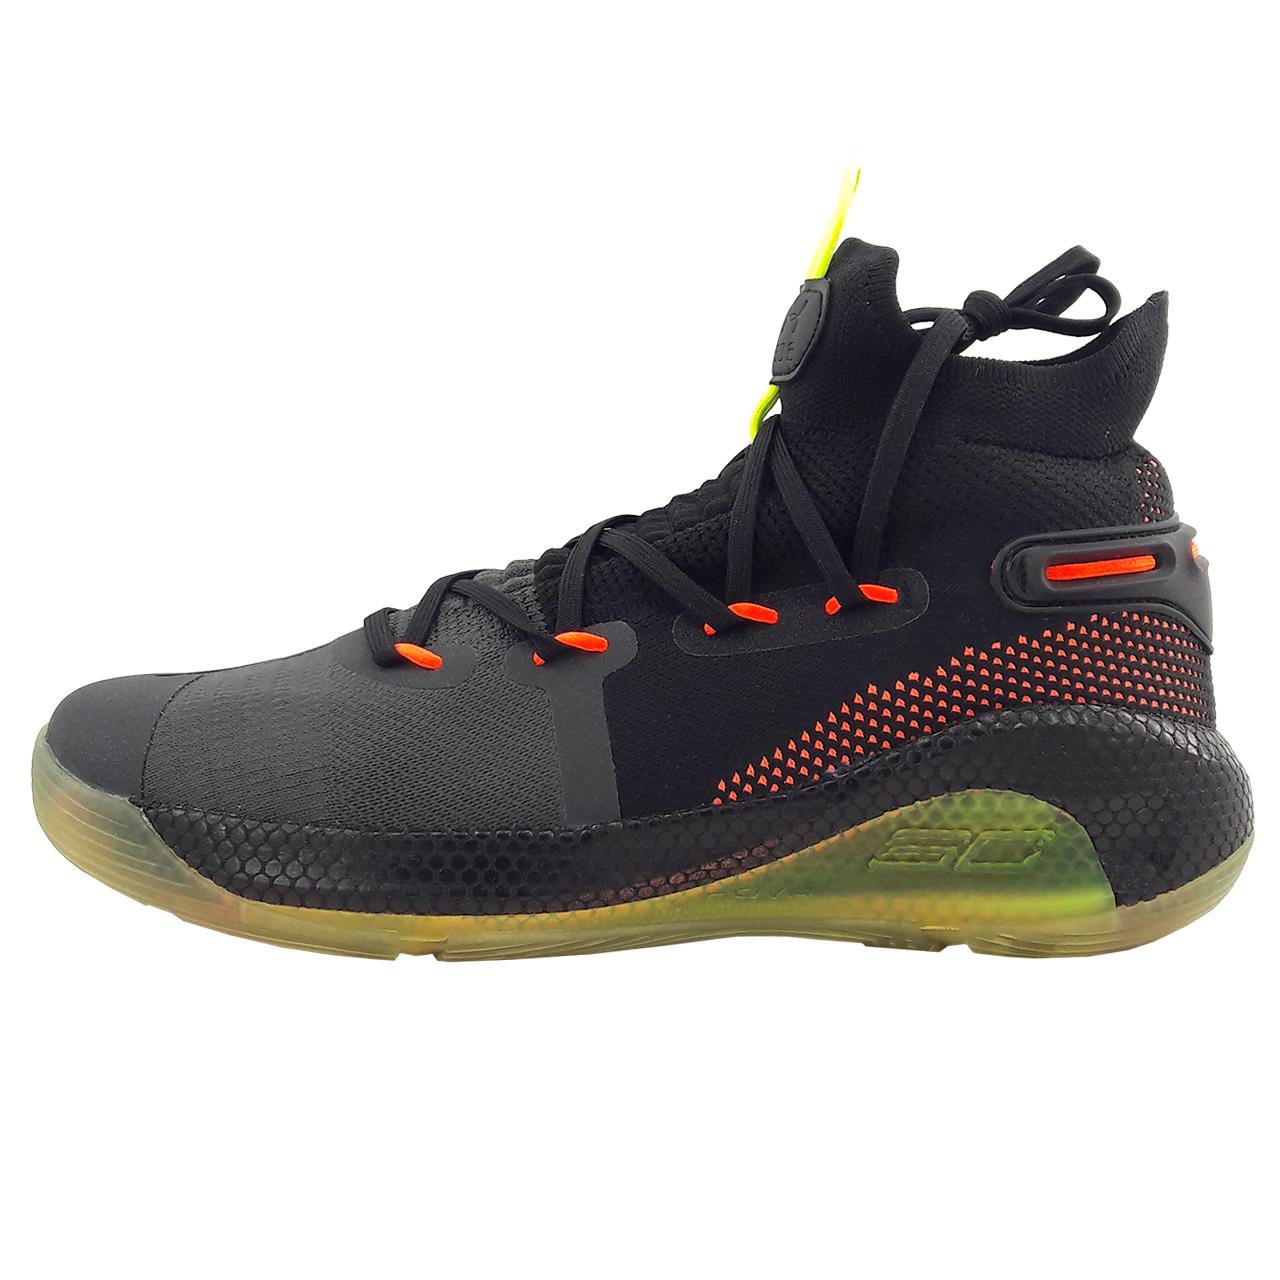 قیمت کفش راحتی مردانه آندر آرمور مدل Curry 6 fox